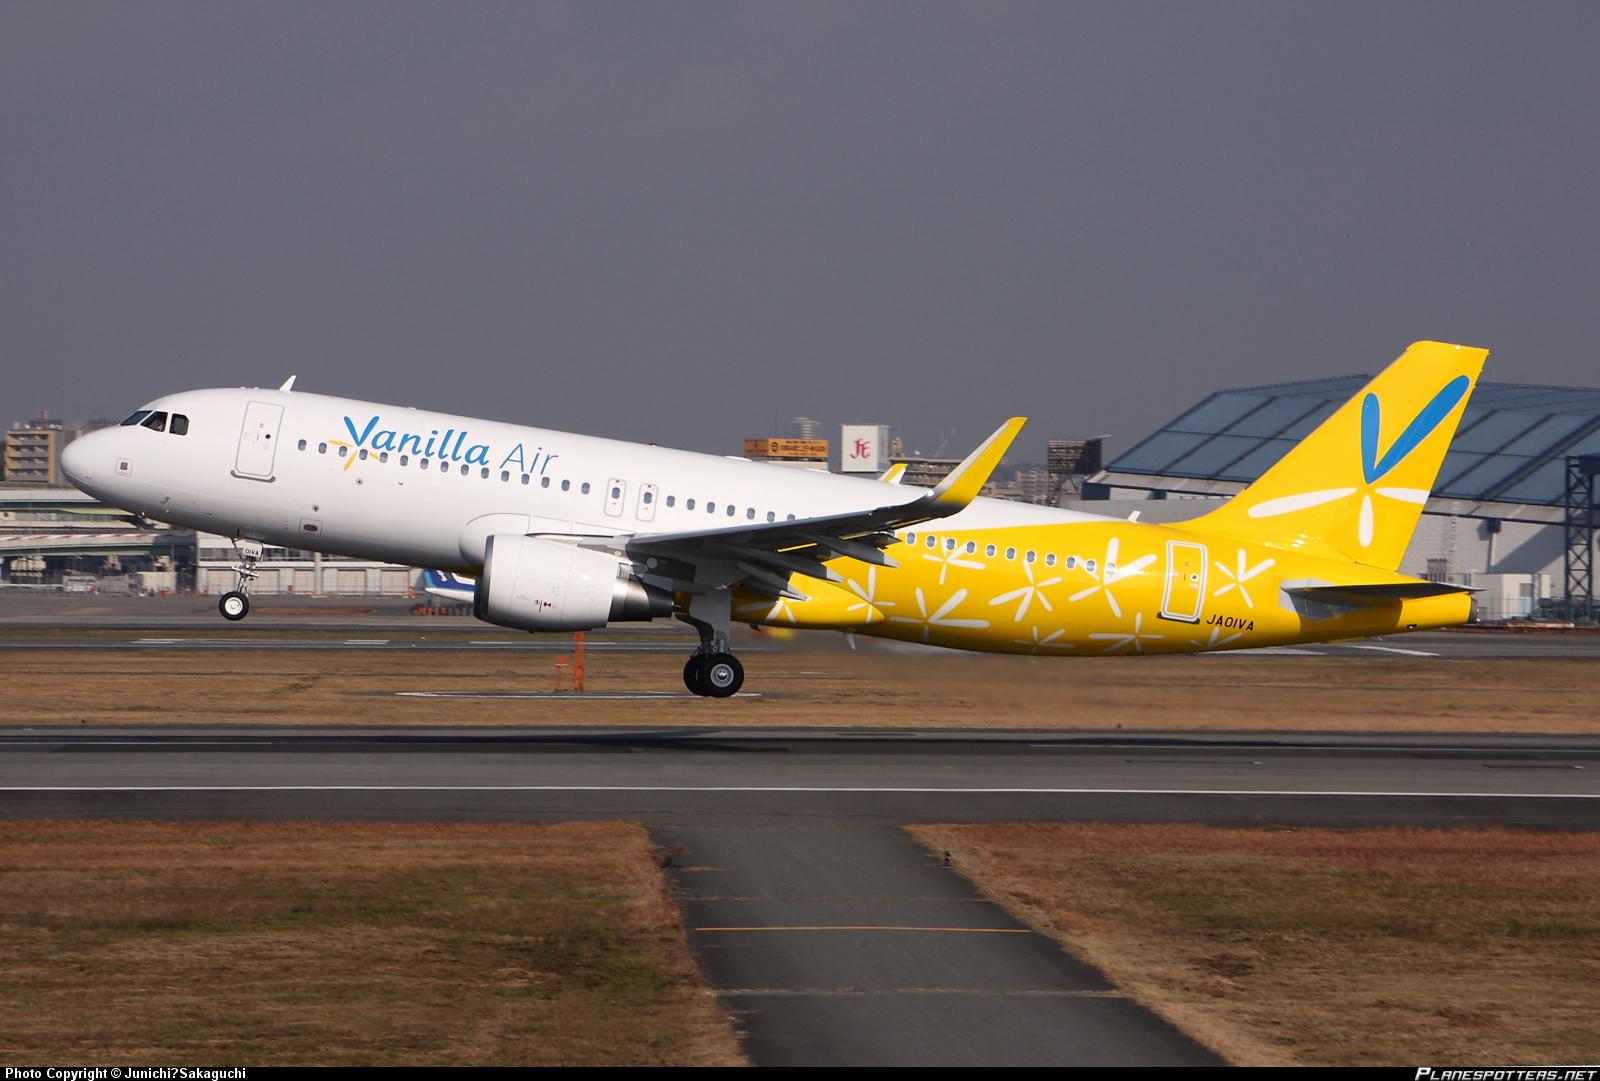 ja01va-vanilla-air-airbus-a320-216wl_PlanespottersNet_422953